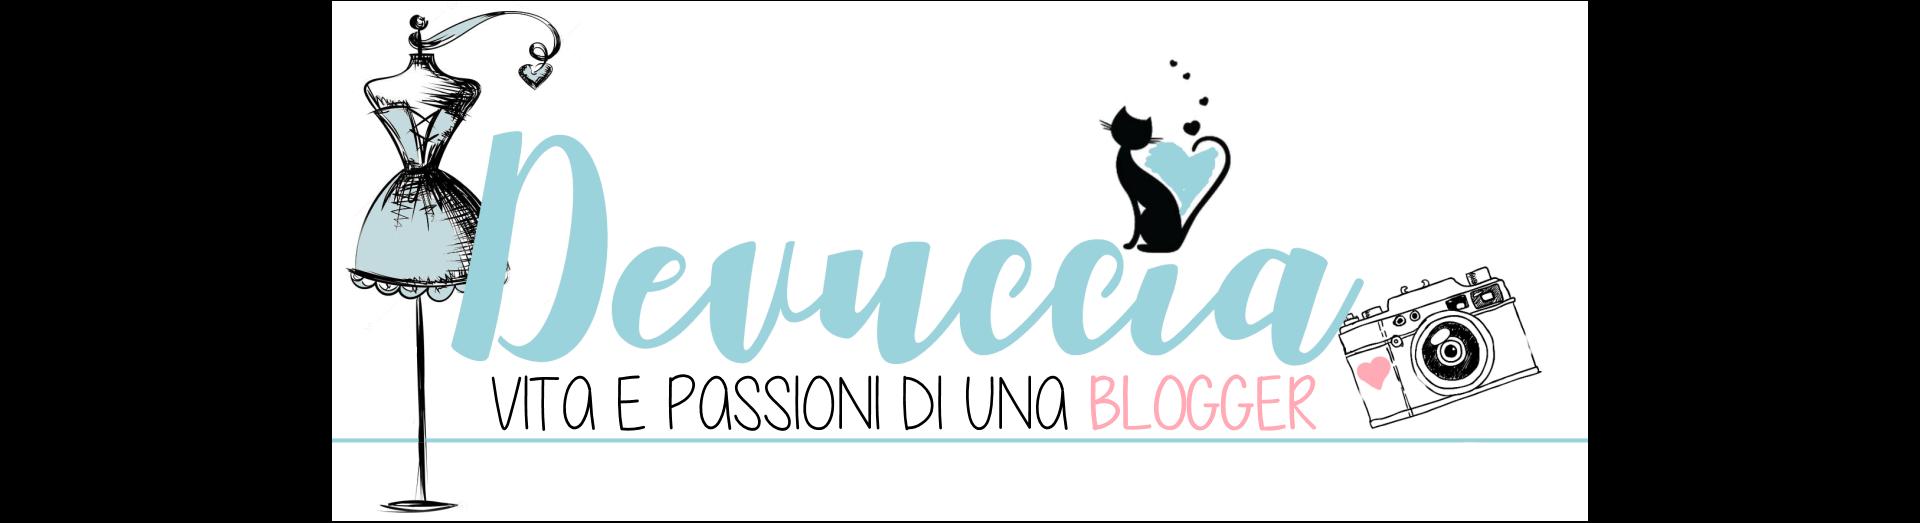 Devuccia – Vita e passioni di una blogger